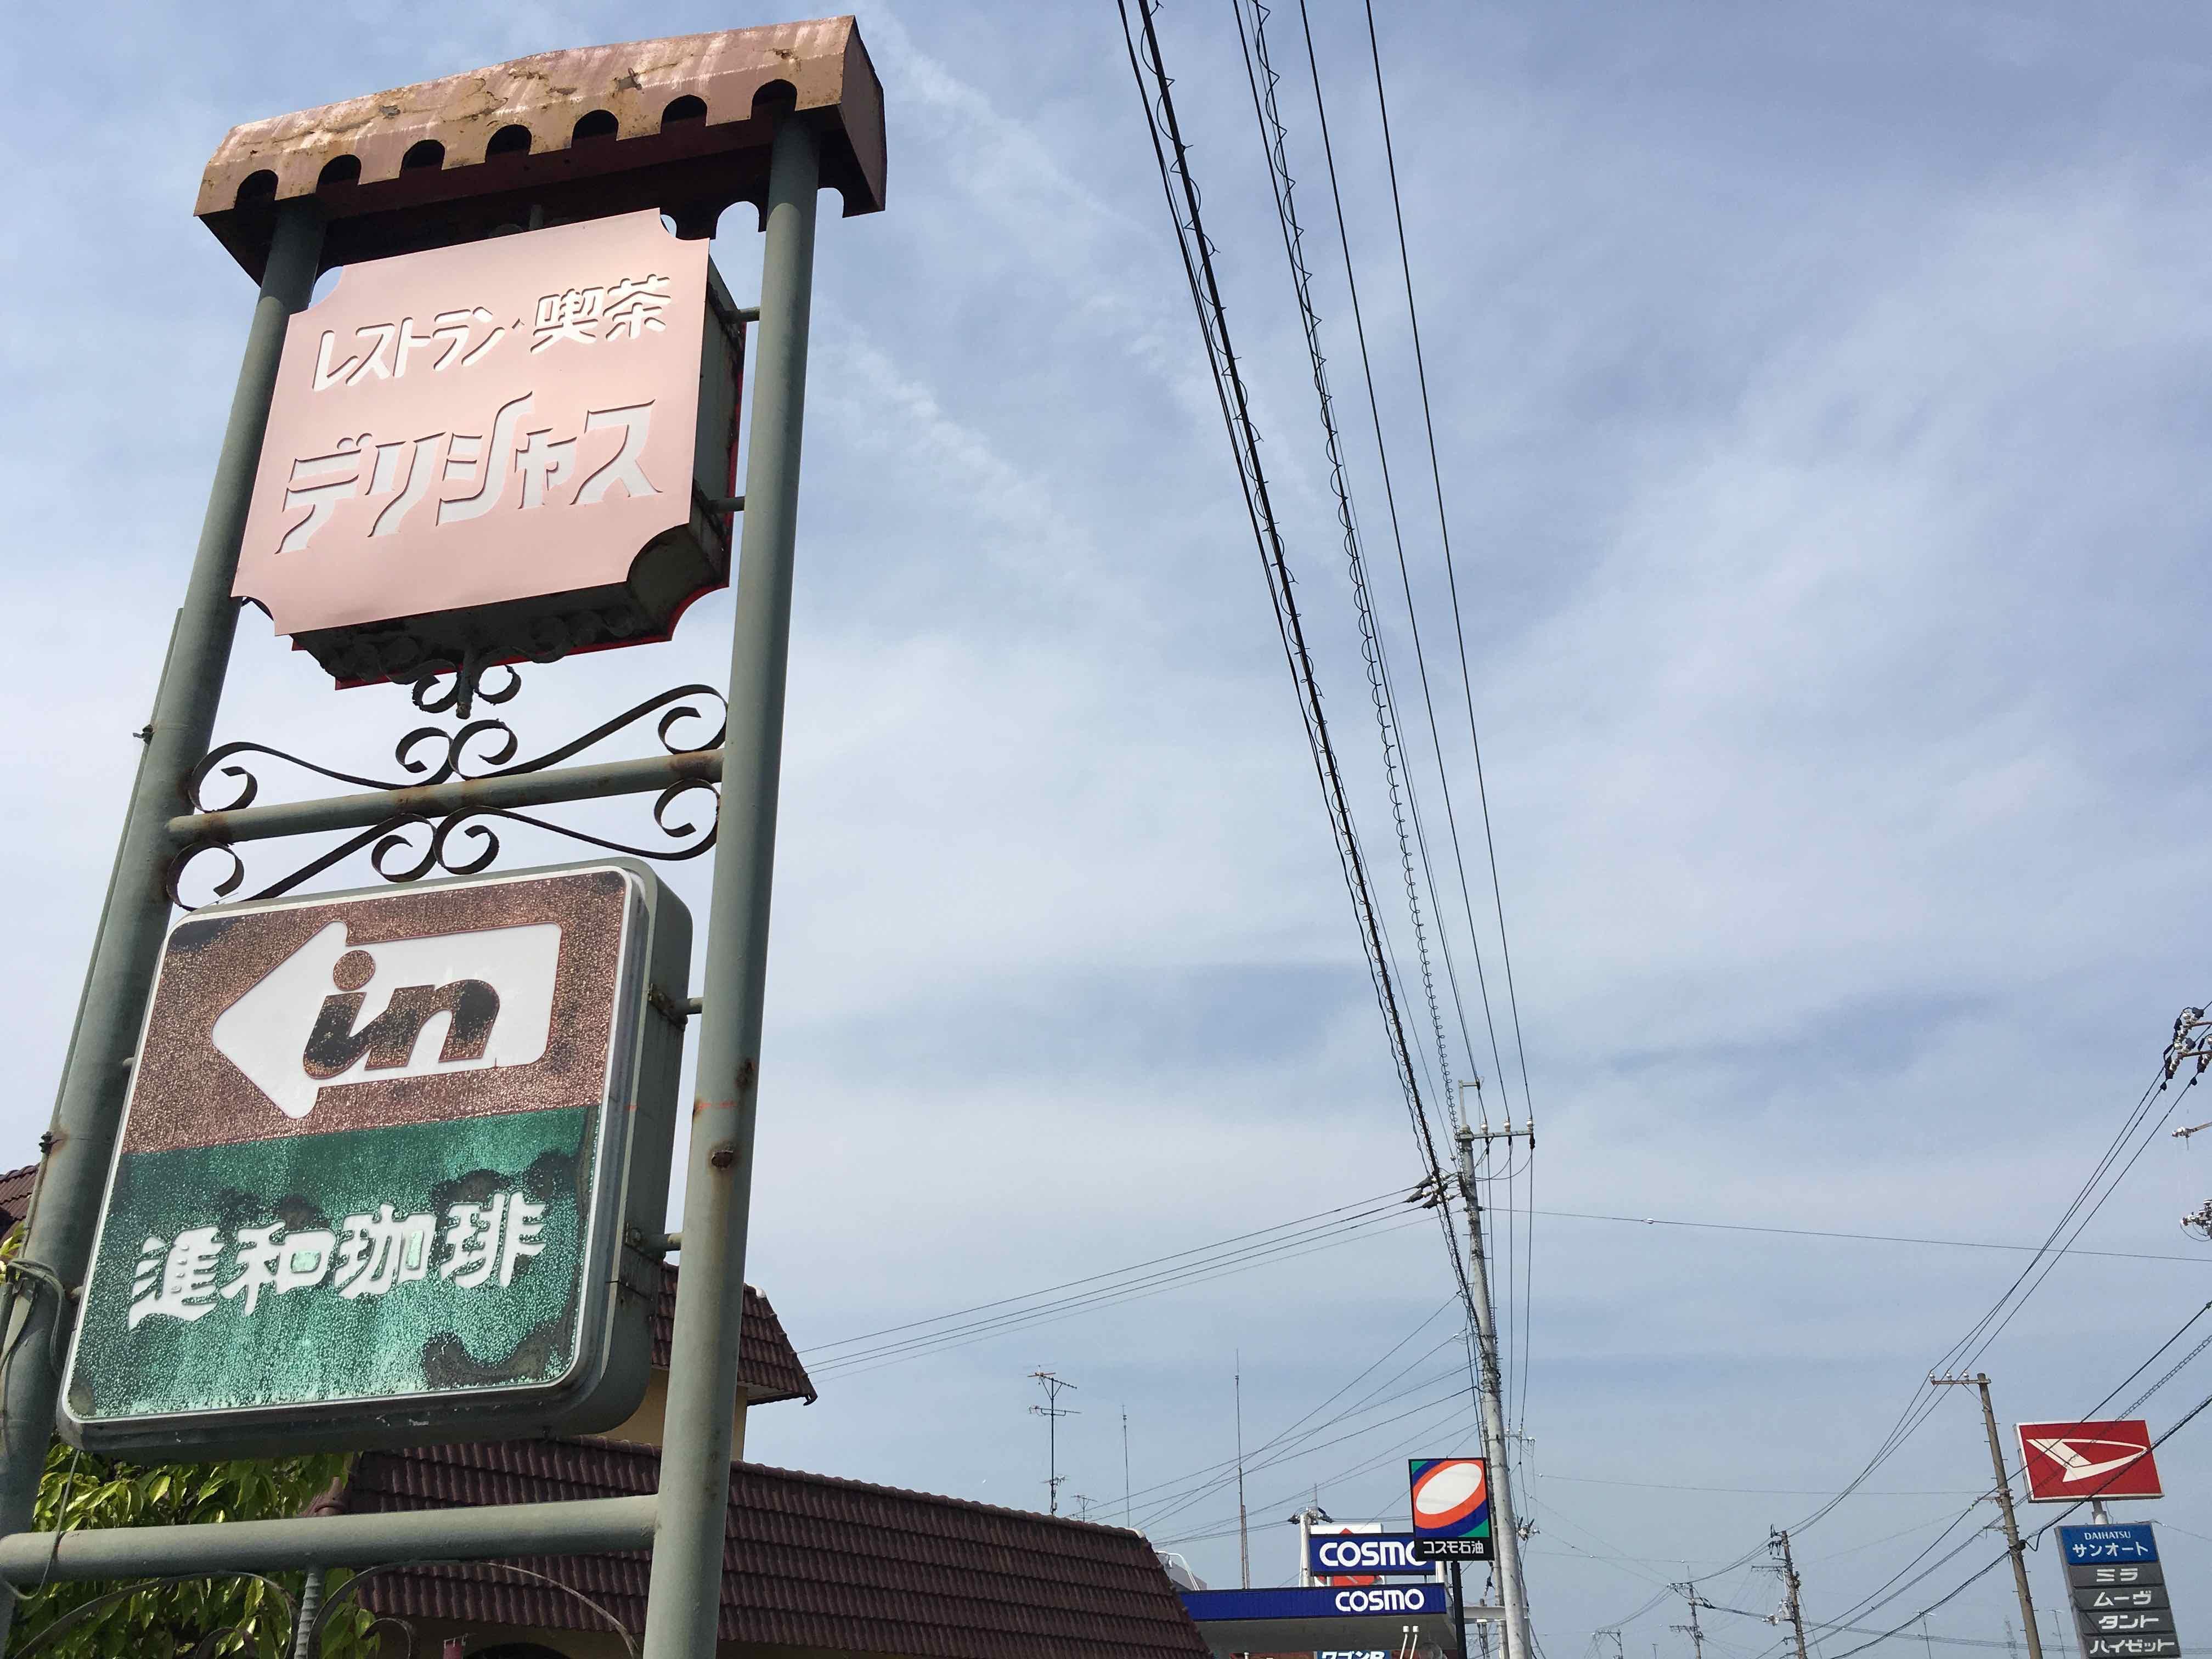 みとん今治,喫茶店,デリシャス,ランチ,別名